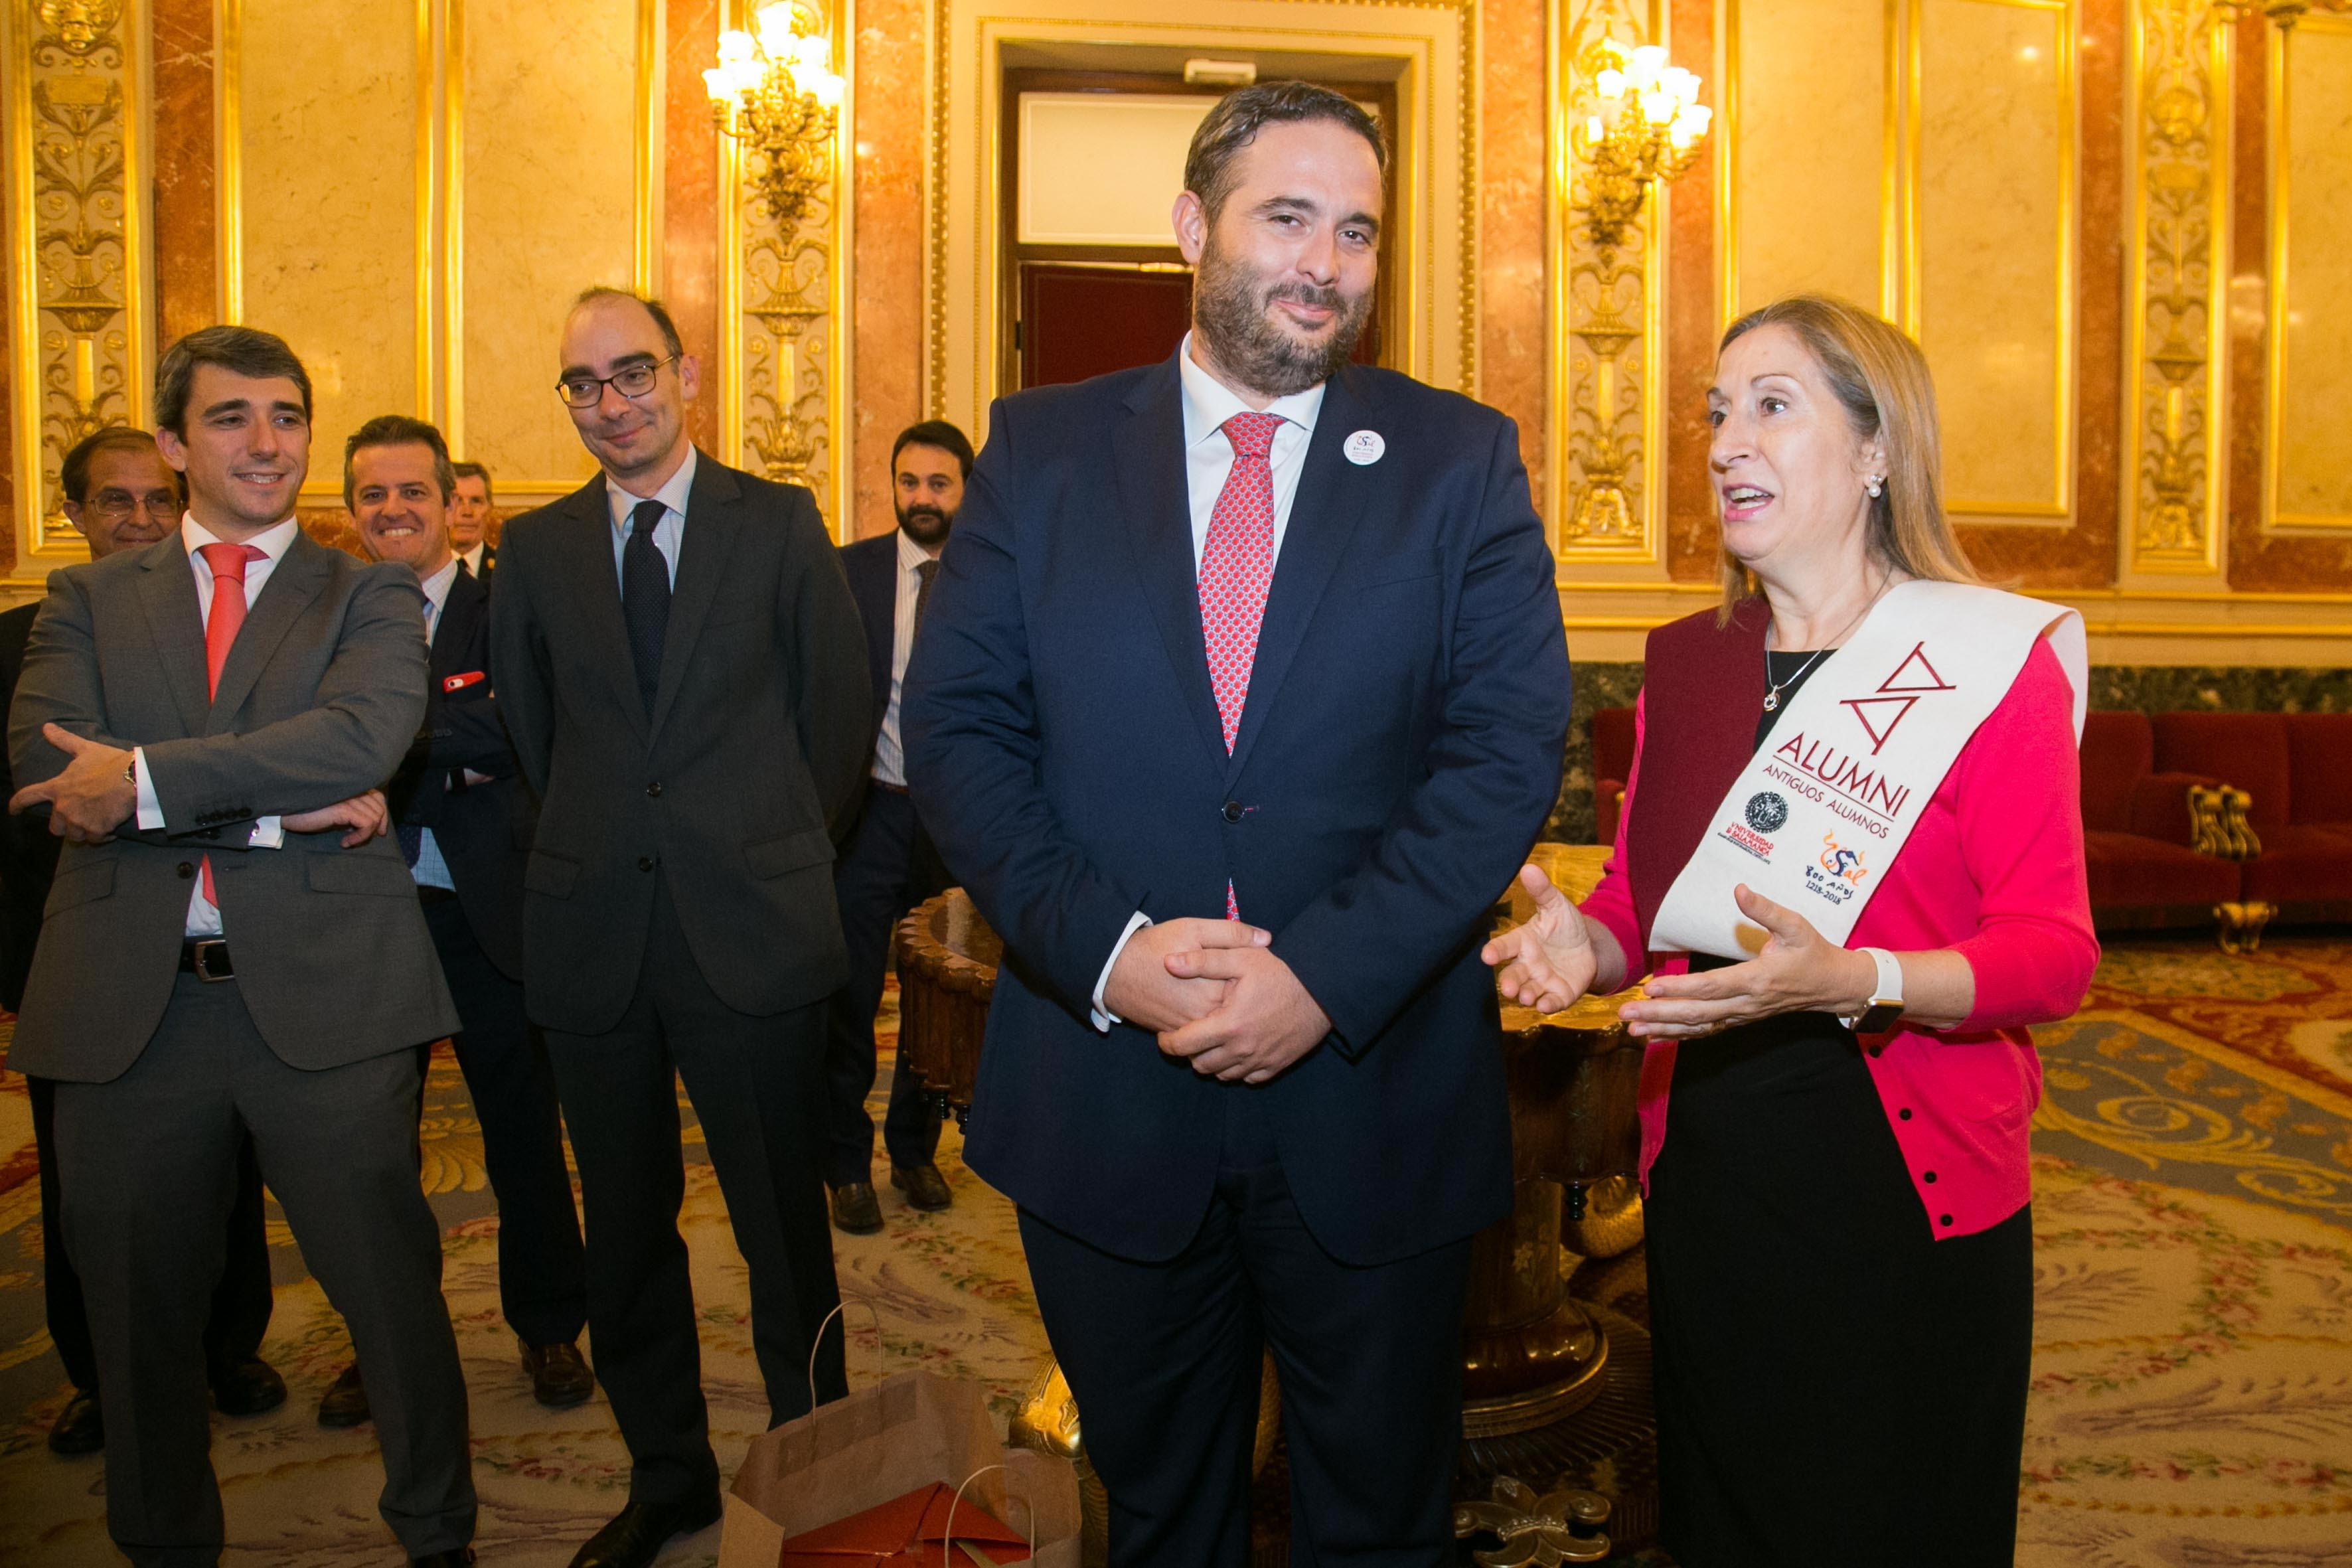 La presidenta del Congreso de los Diputados recibe a una delegación de Alumni-Universidad de Salamanca